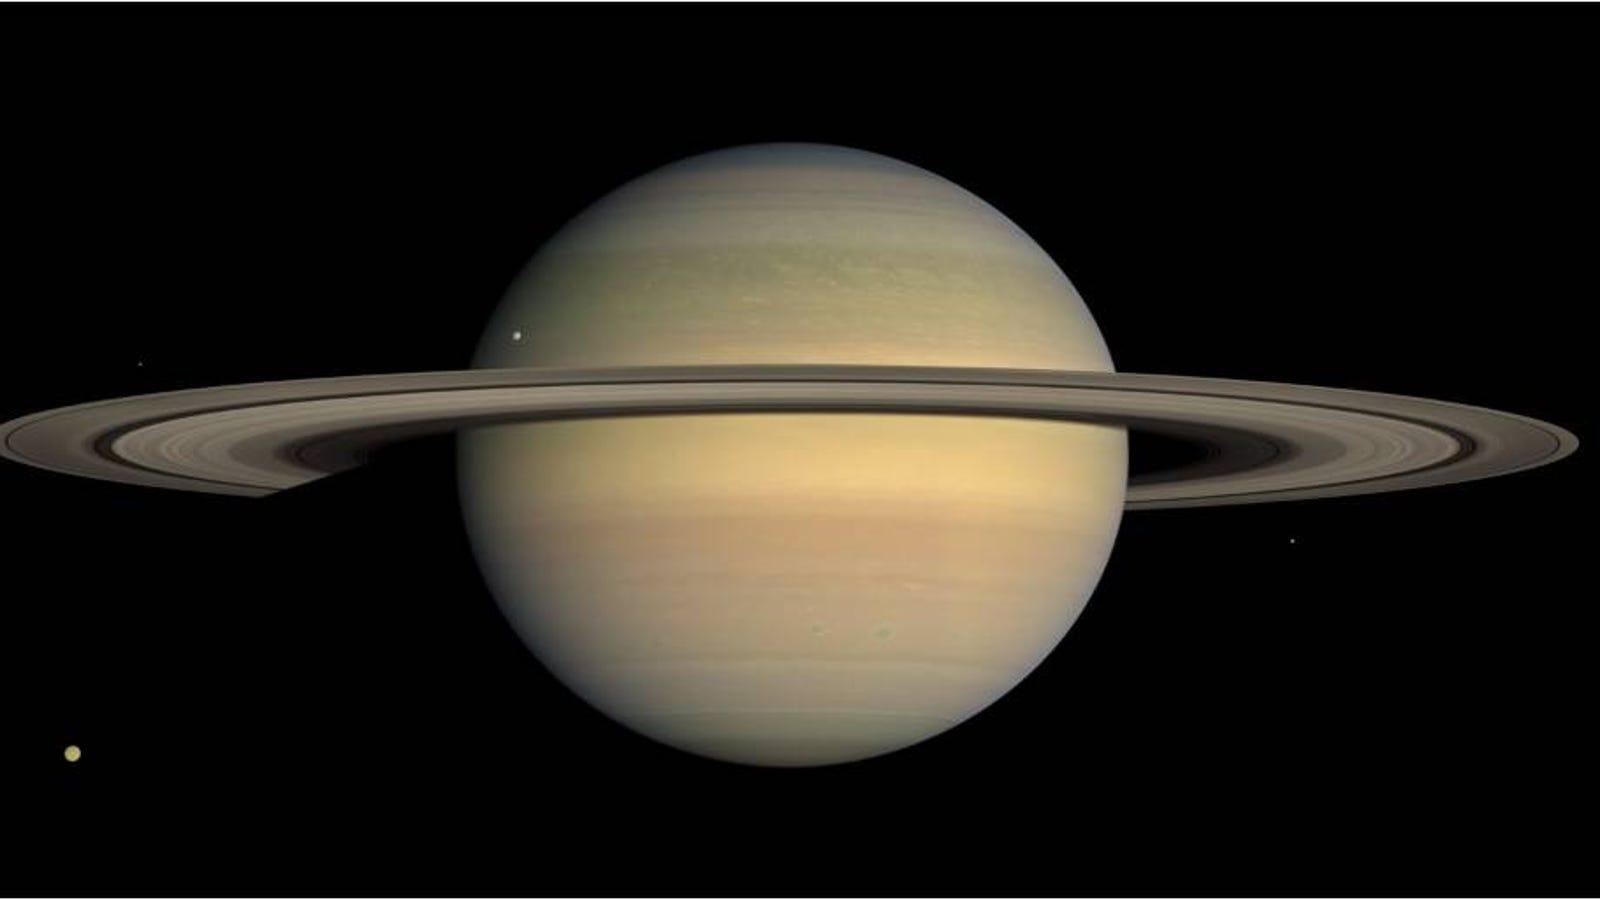 El increíble documental de Saturno con 1 millón de fotos reales